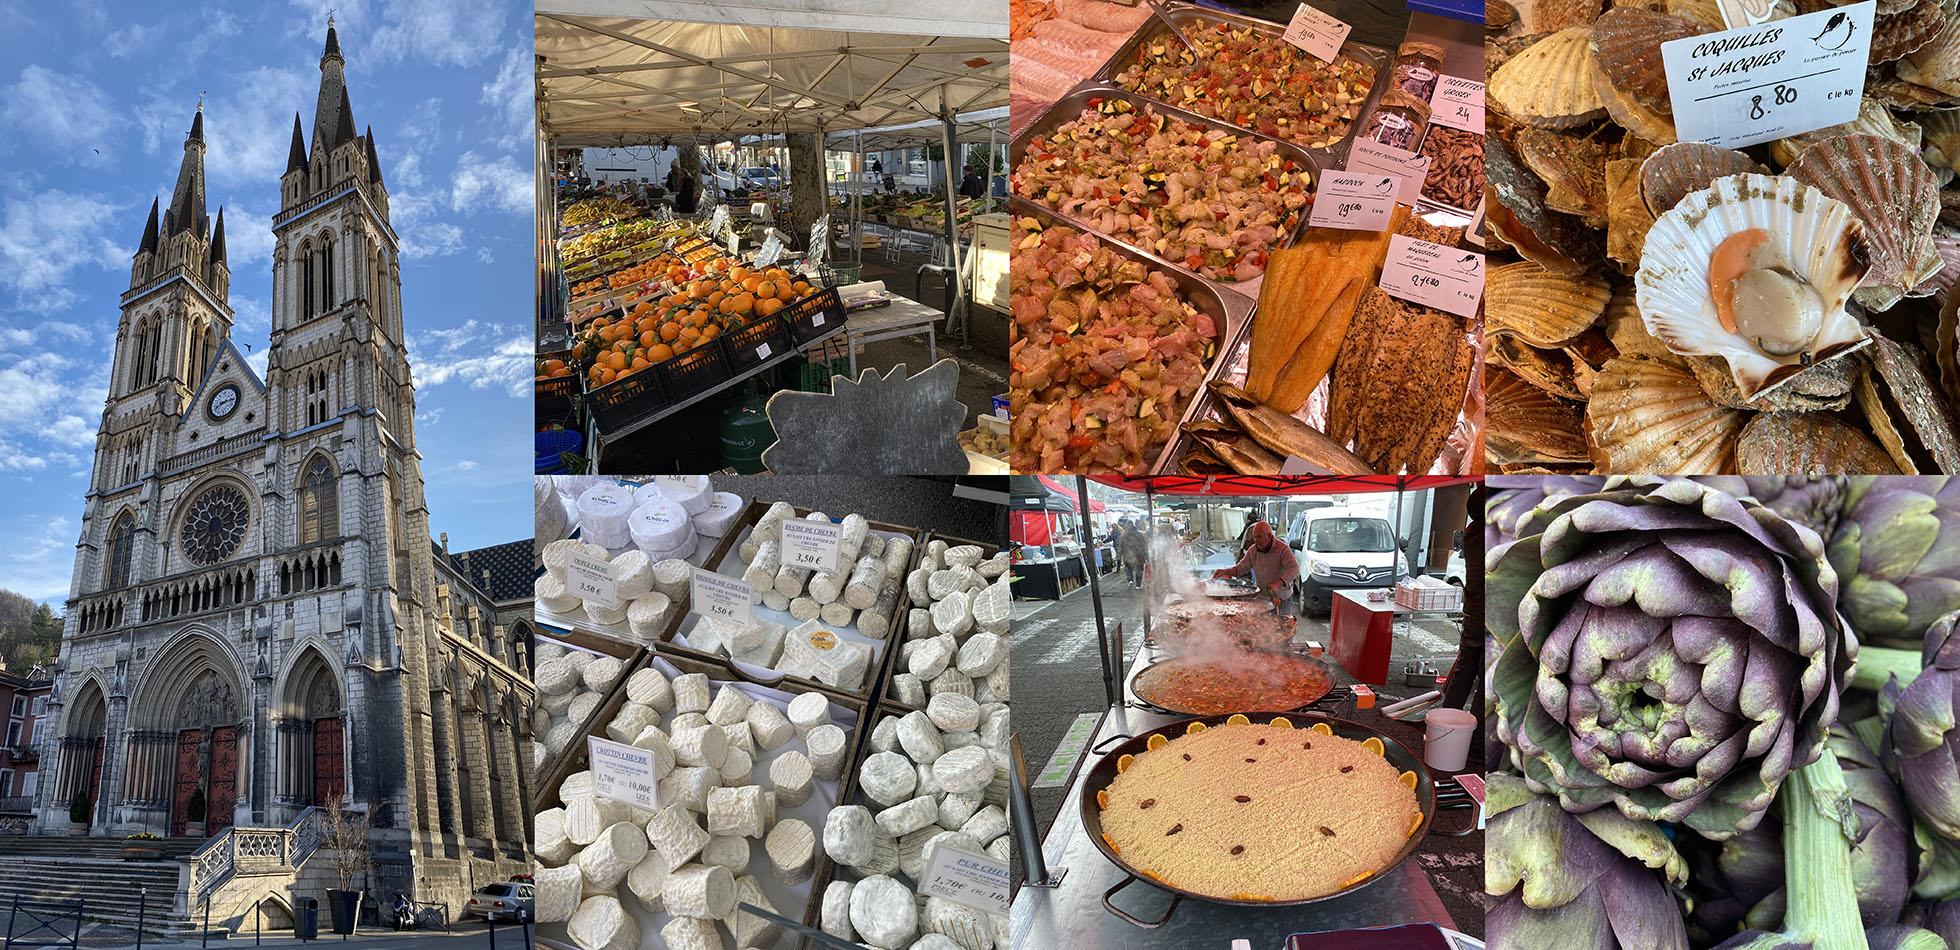 VoironChurch_Market